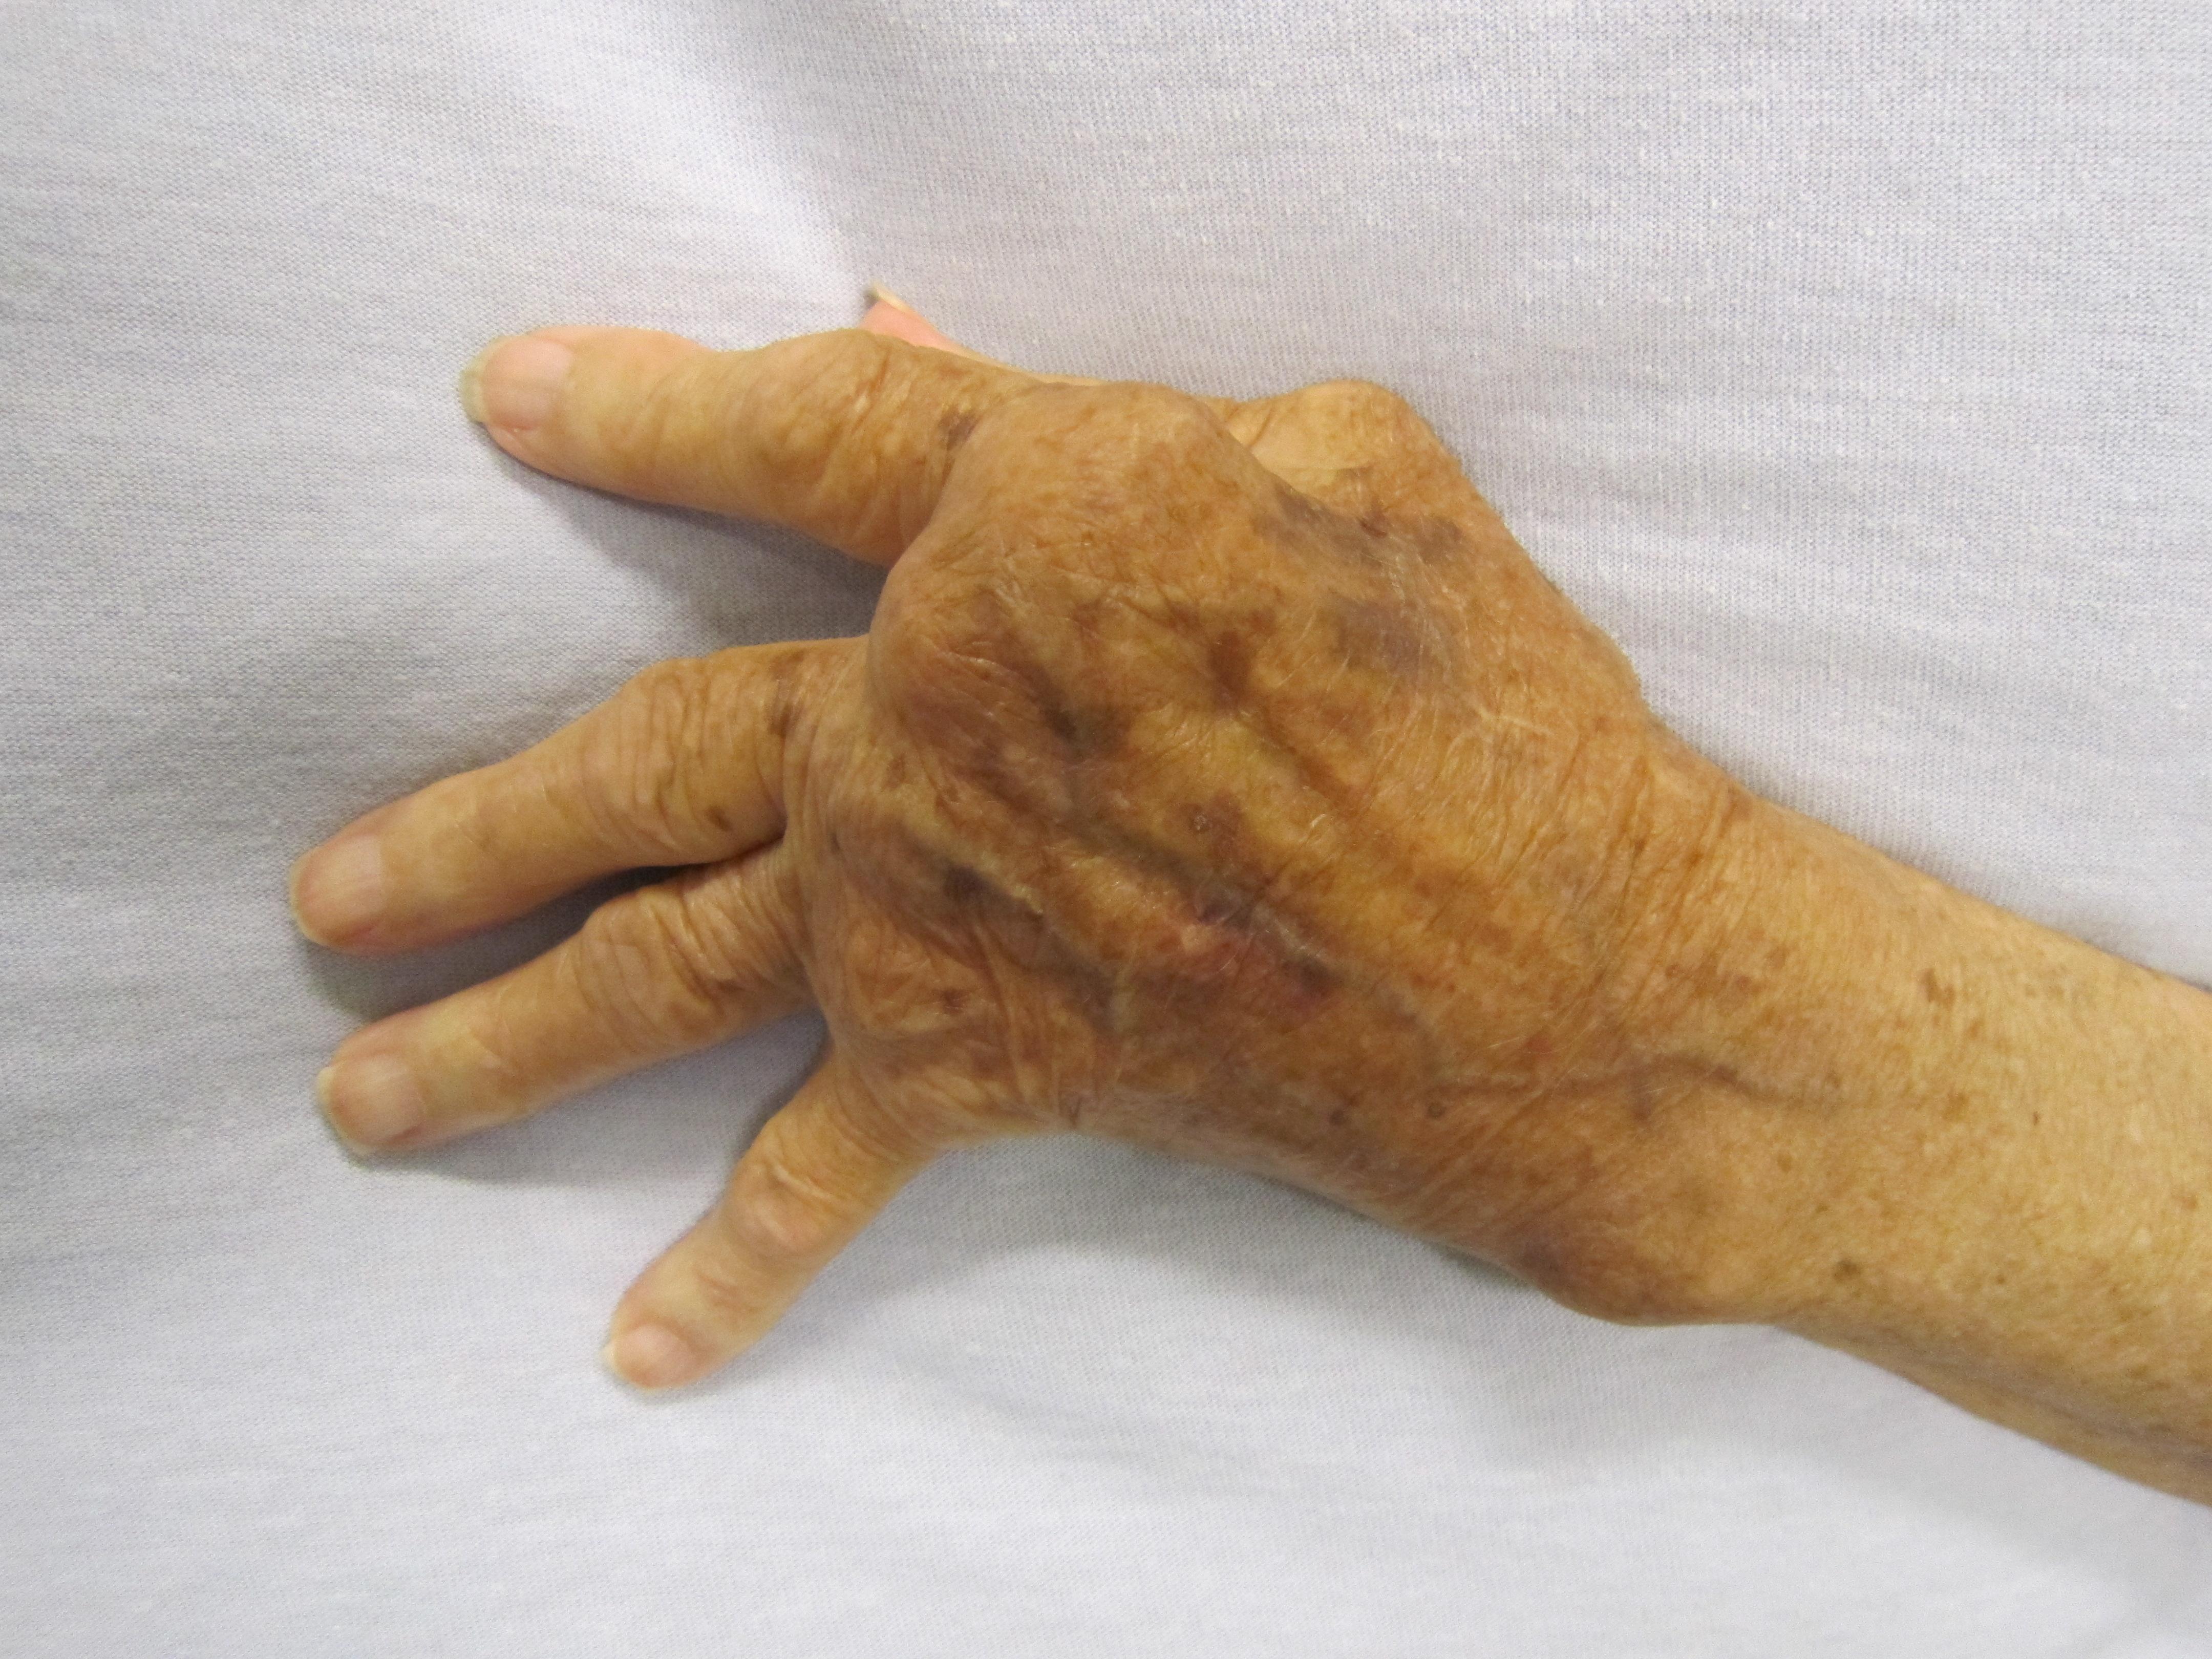 nem szteroid gyulladáscsökkentő szerek az ujjak ízületeire a fájdalom tünetei a csípőpótlás után